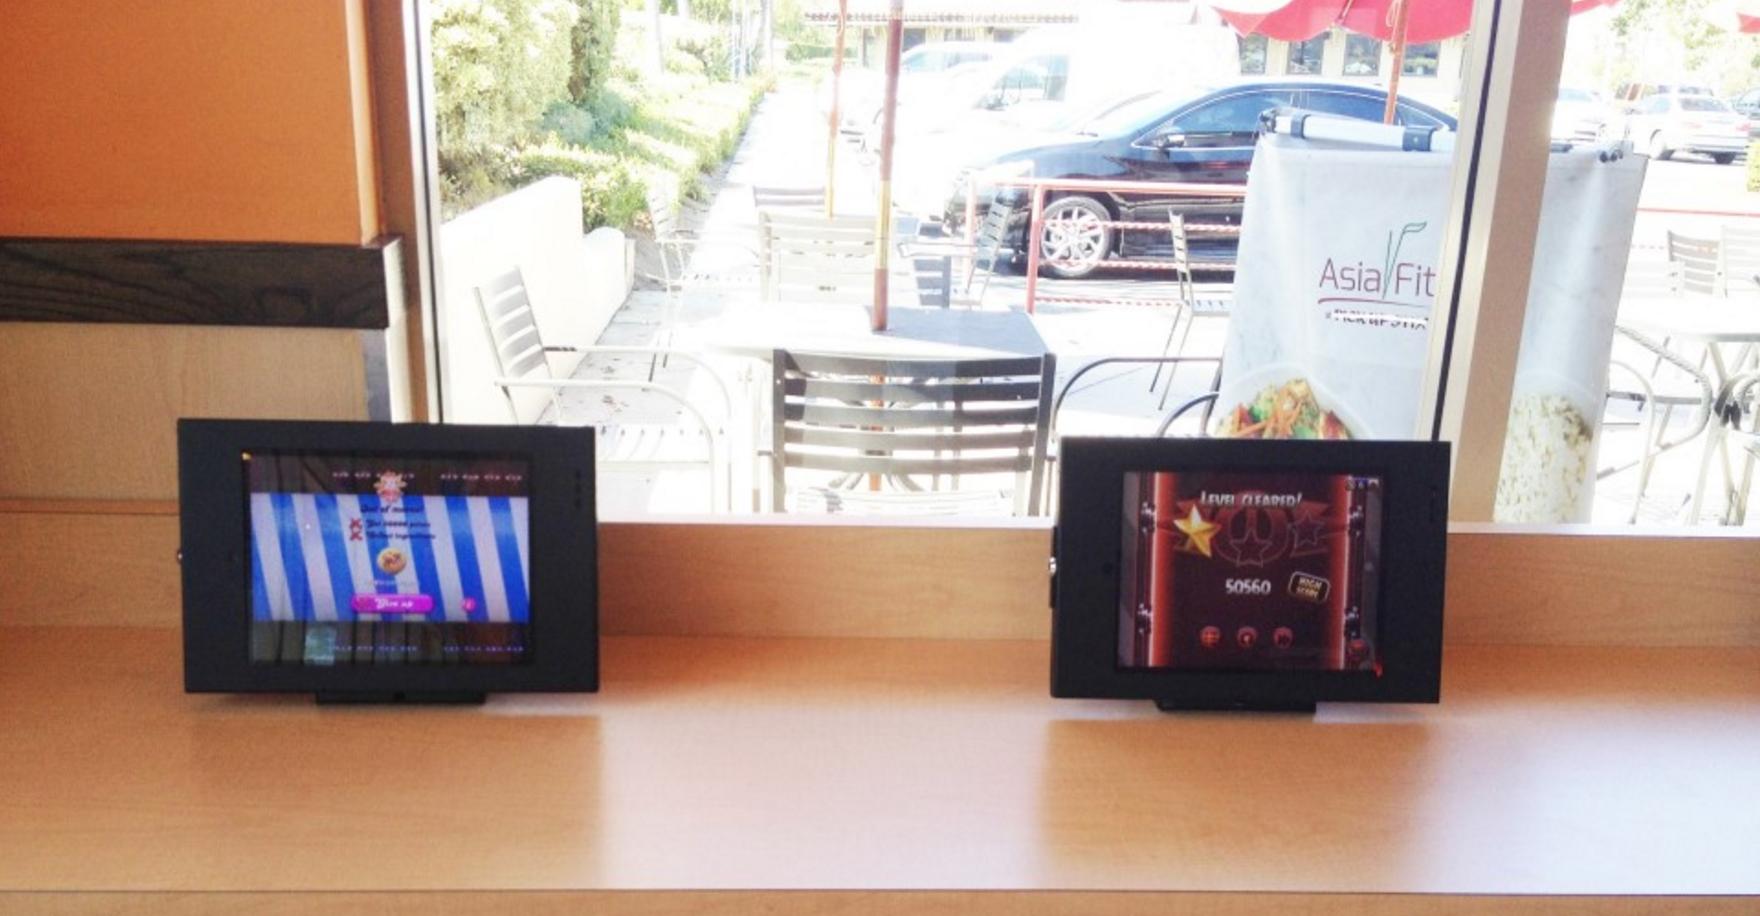 미국 캐주얼 레스토랑에서 어린이를 위해 마련해둔 미니 스탠드형 태블릿